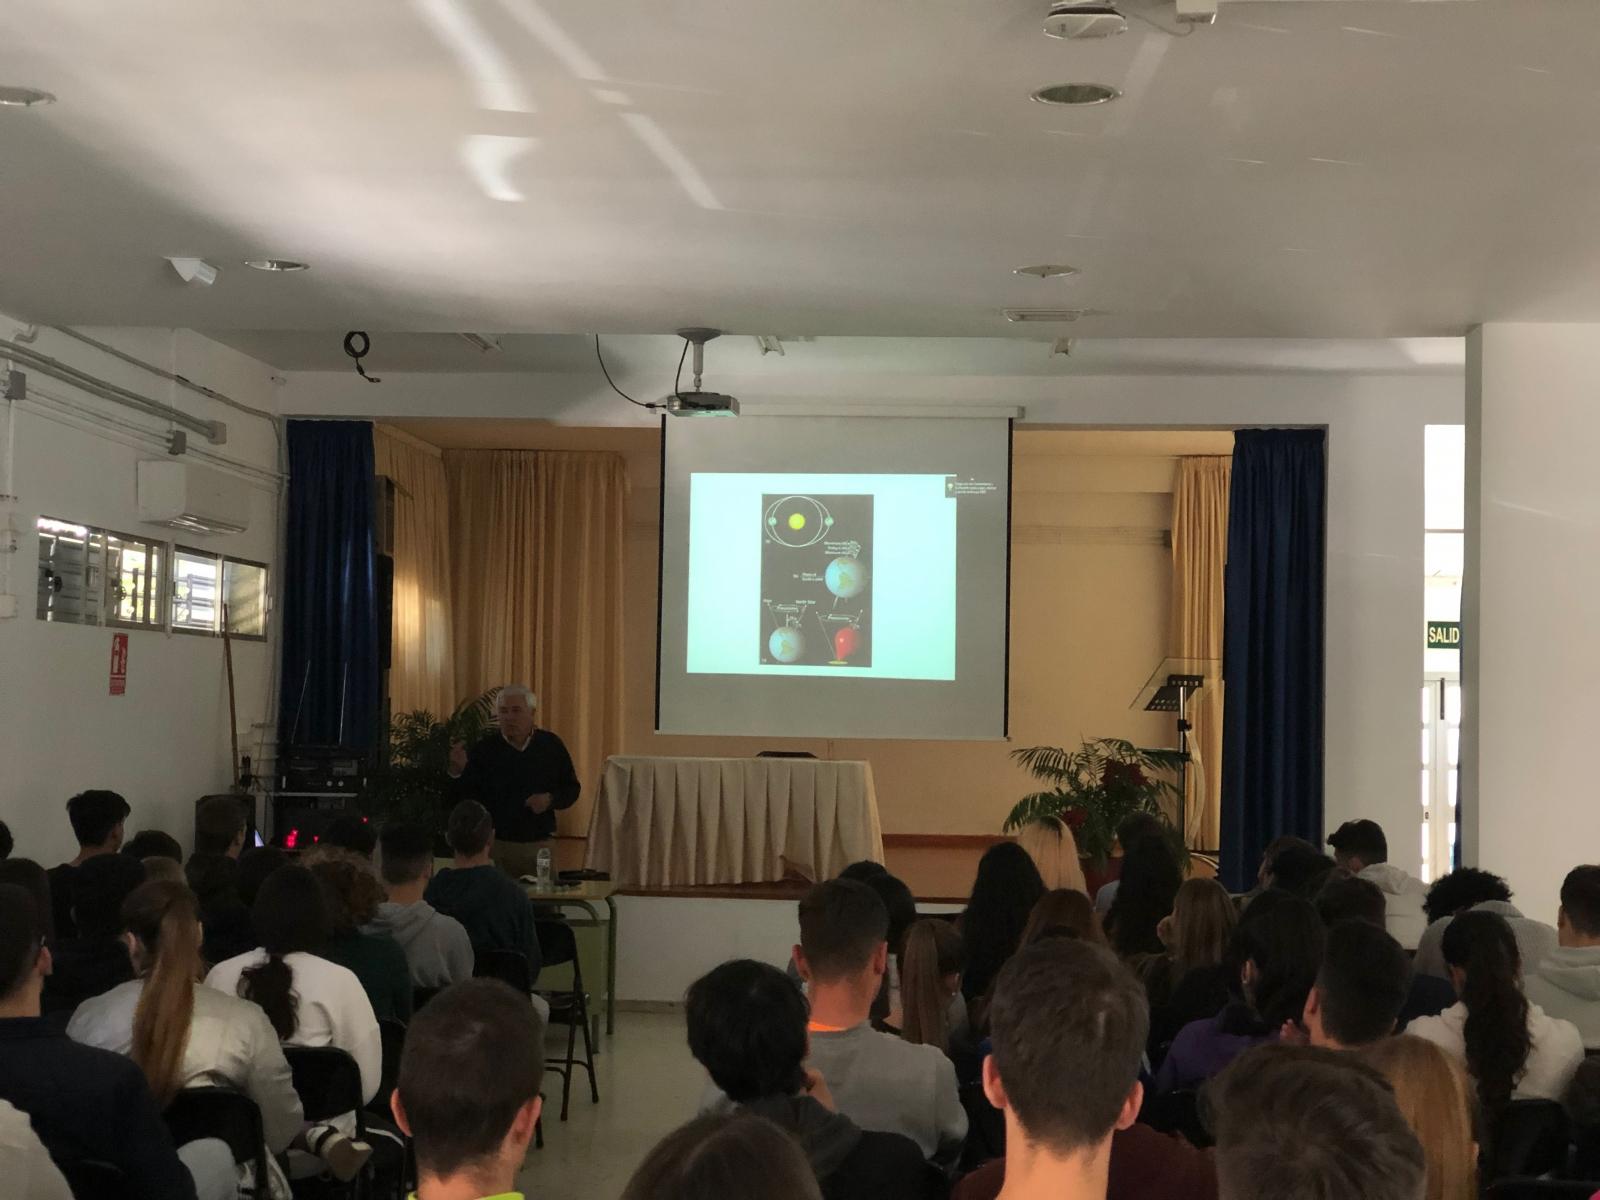 conferencia-el-origen-de-mediterraneo-2019-4